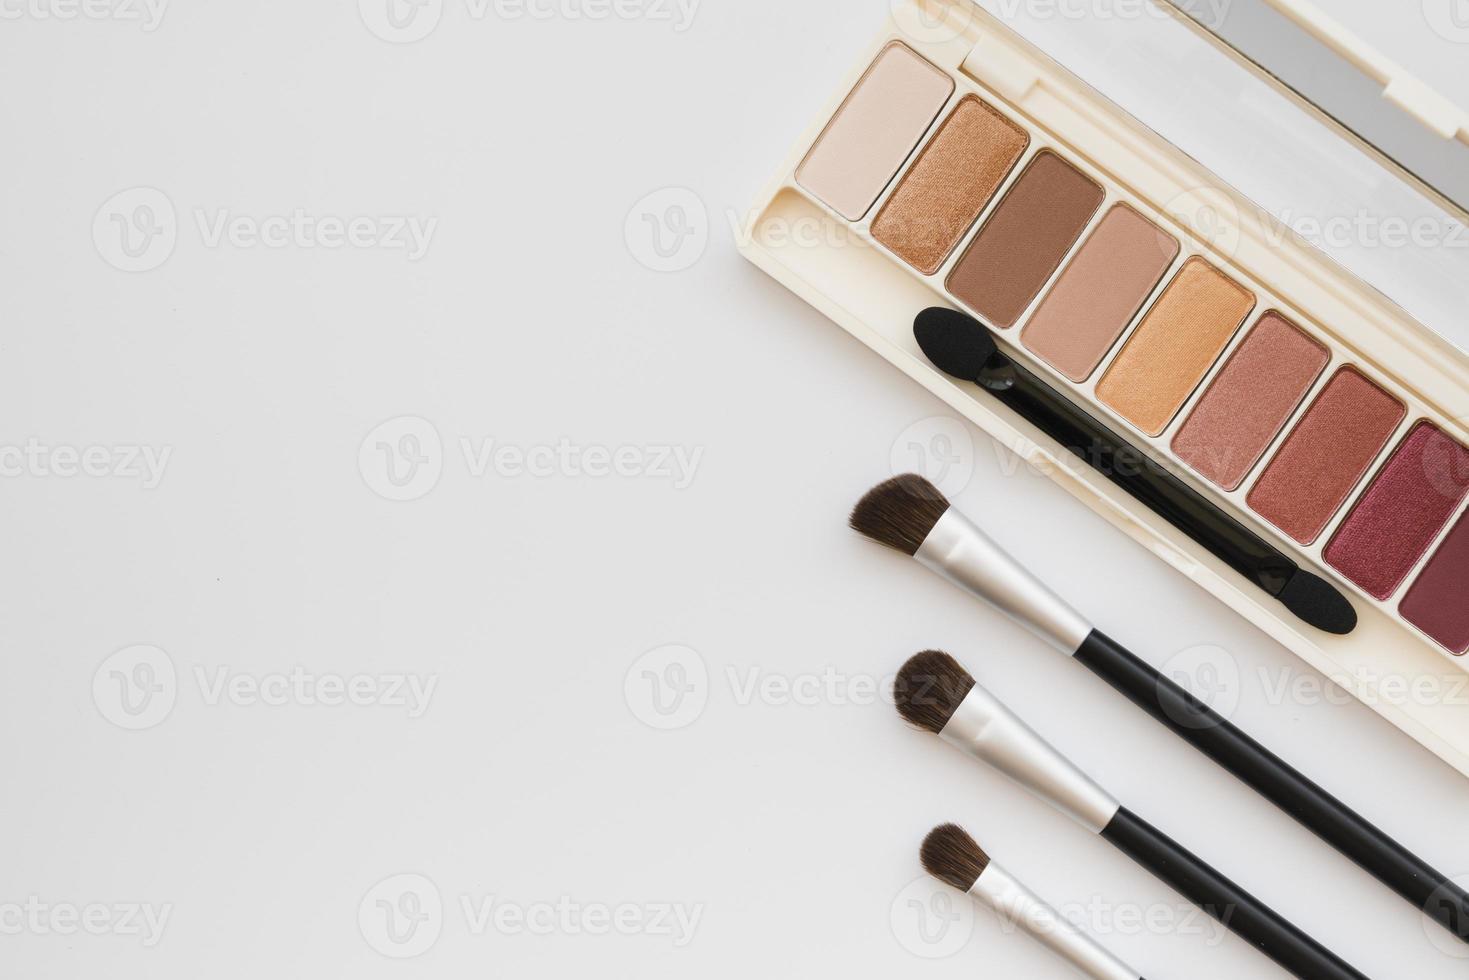 ferramentas de maquiagem em fundo branco foto